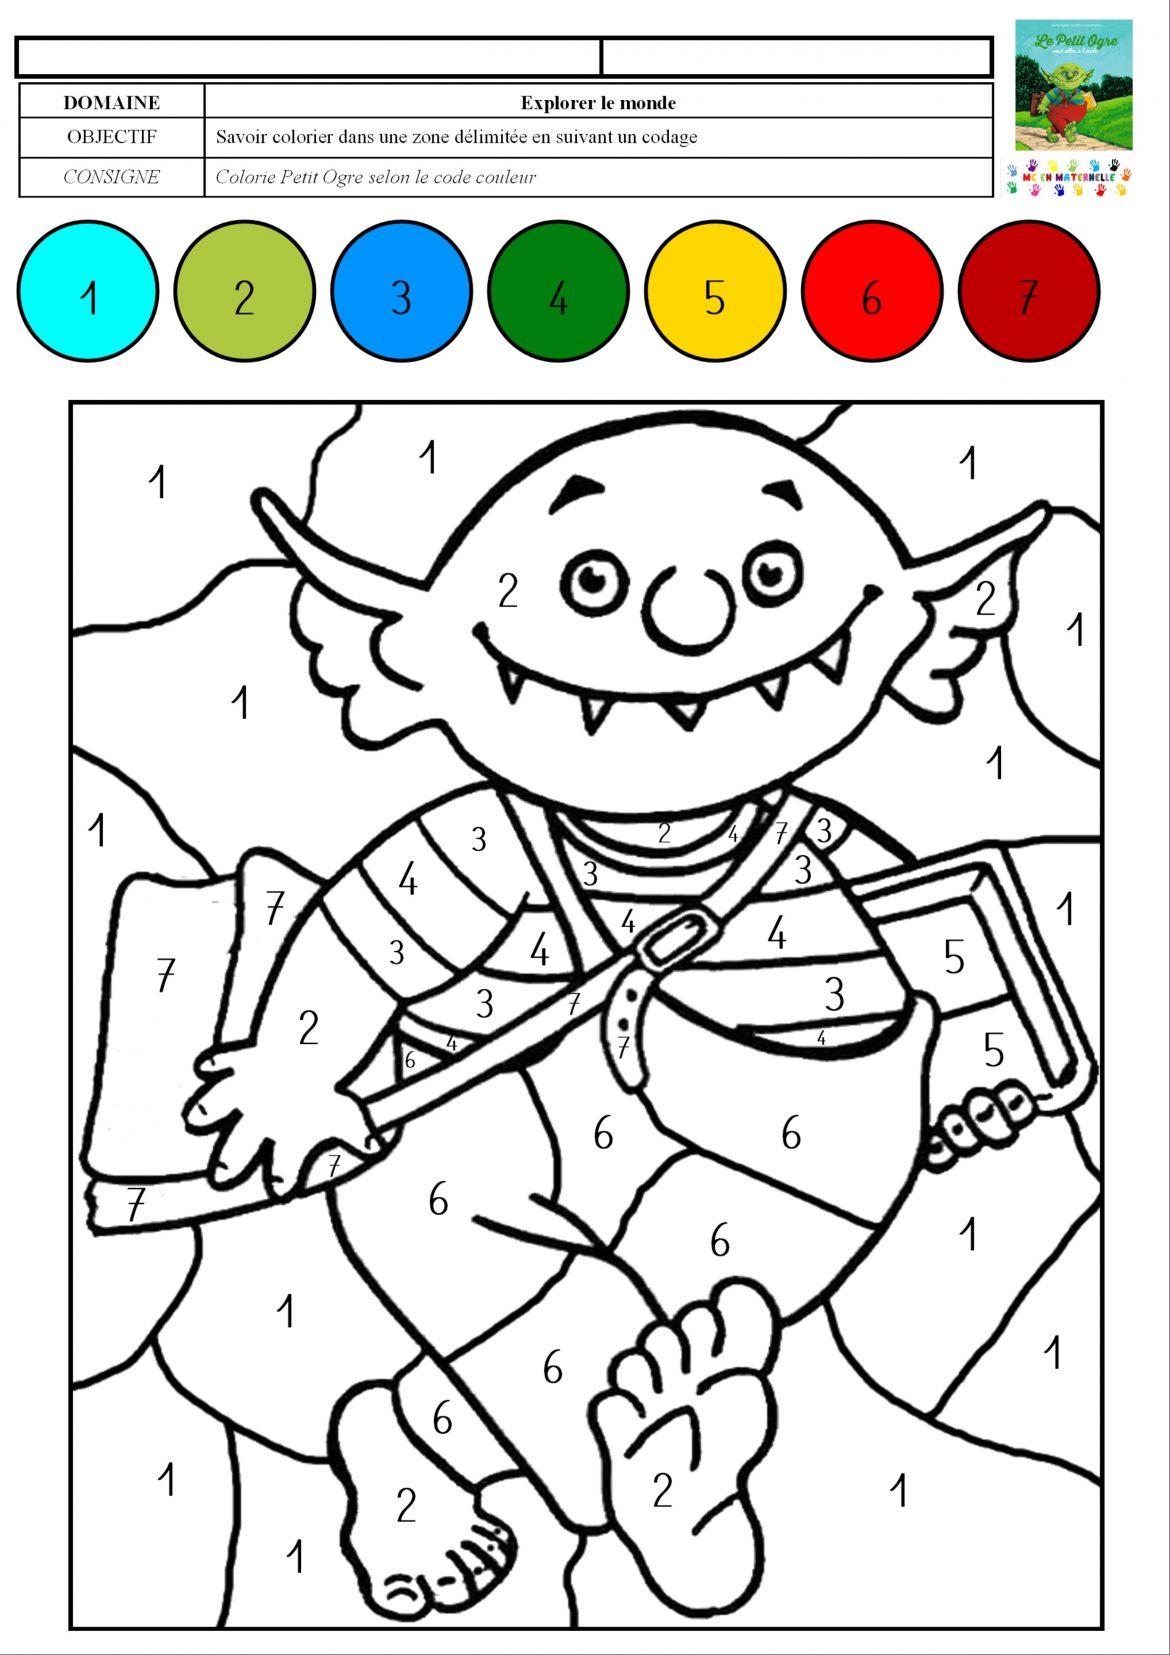 Coloriage magique mc en maternelle - Dessin de chiffre ...